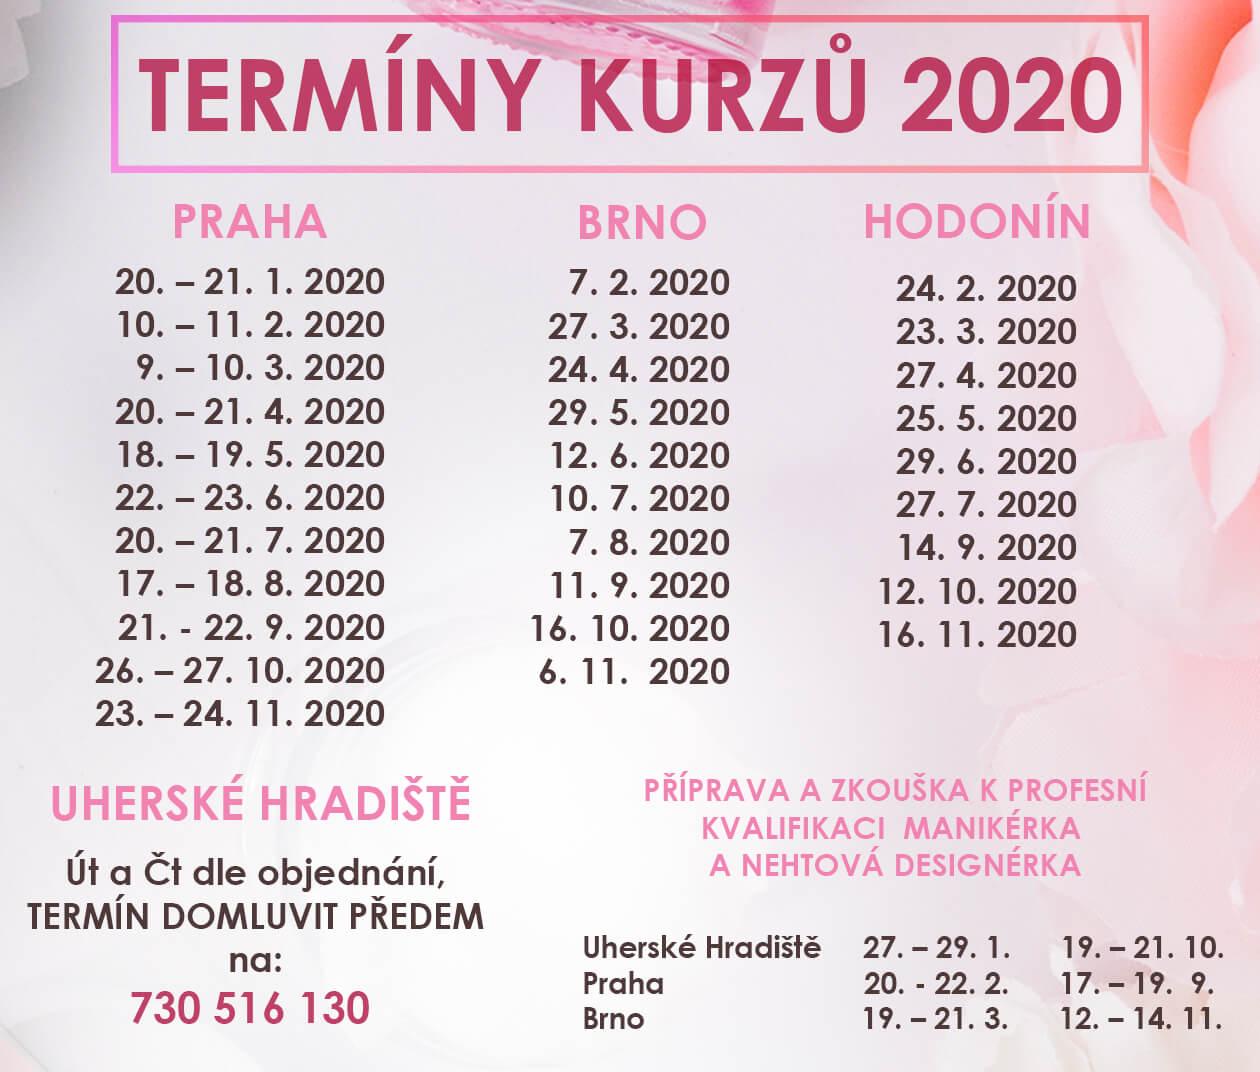 KURZY_Termíny_5.2019